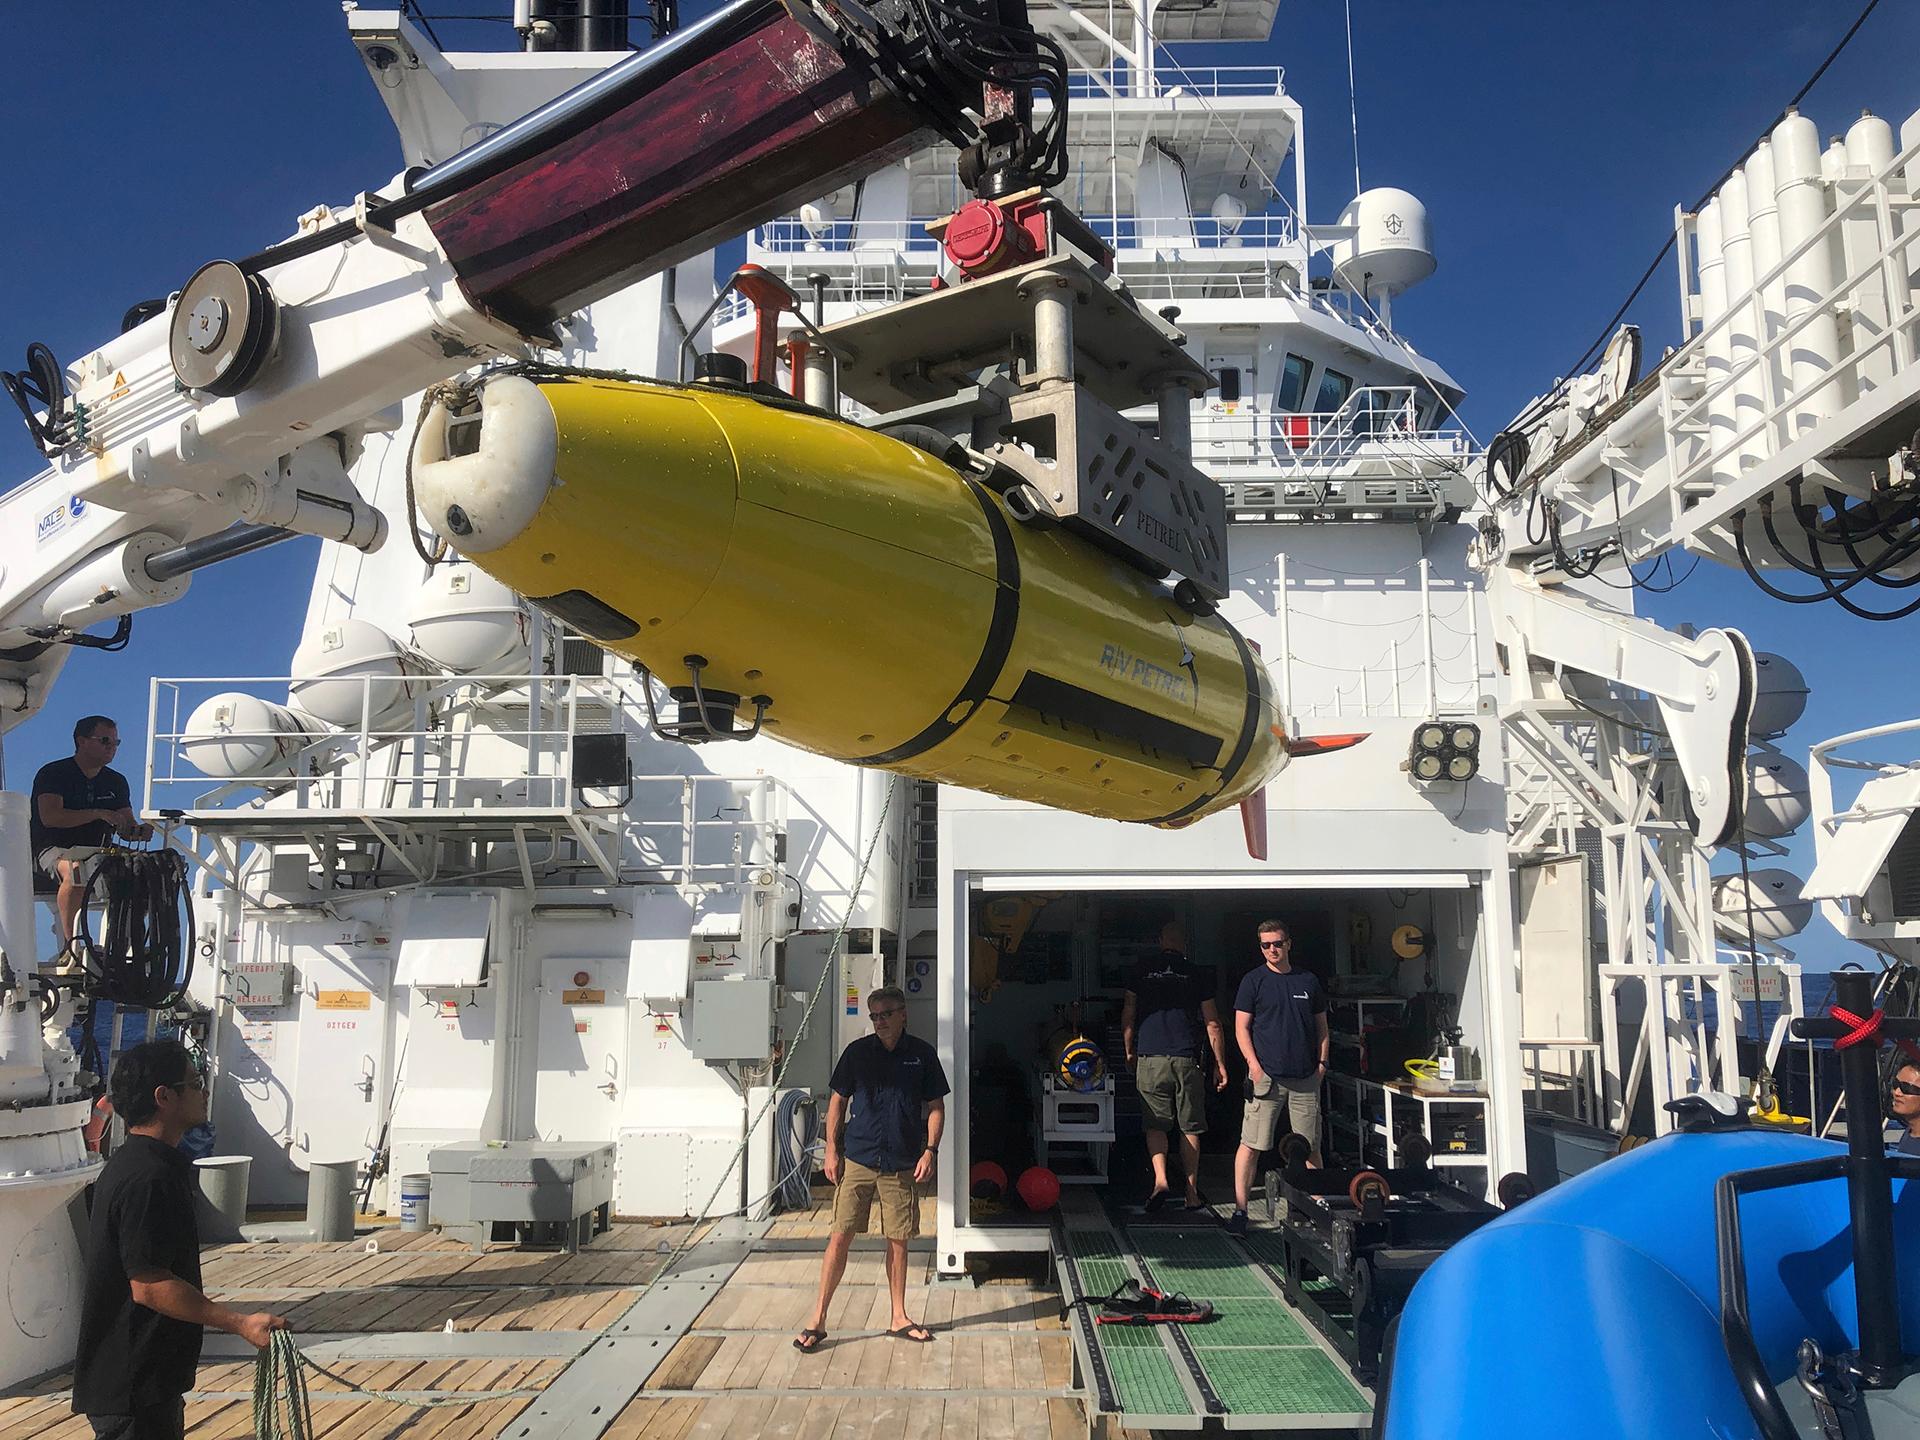 Un minisubmarino autónomo utilizado en la búsqueda (AP /Caleb Jones)